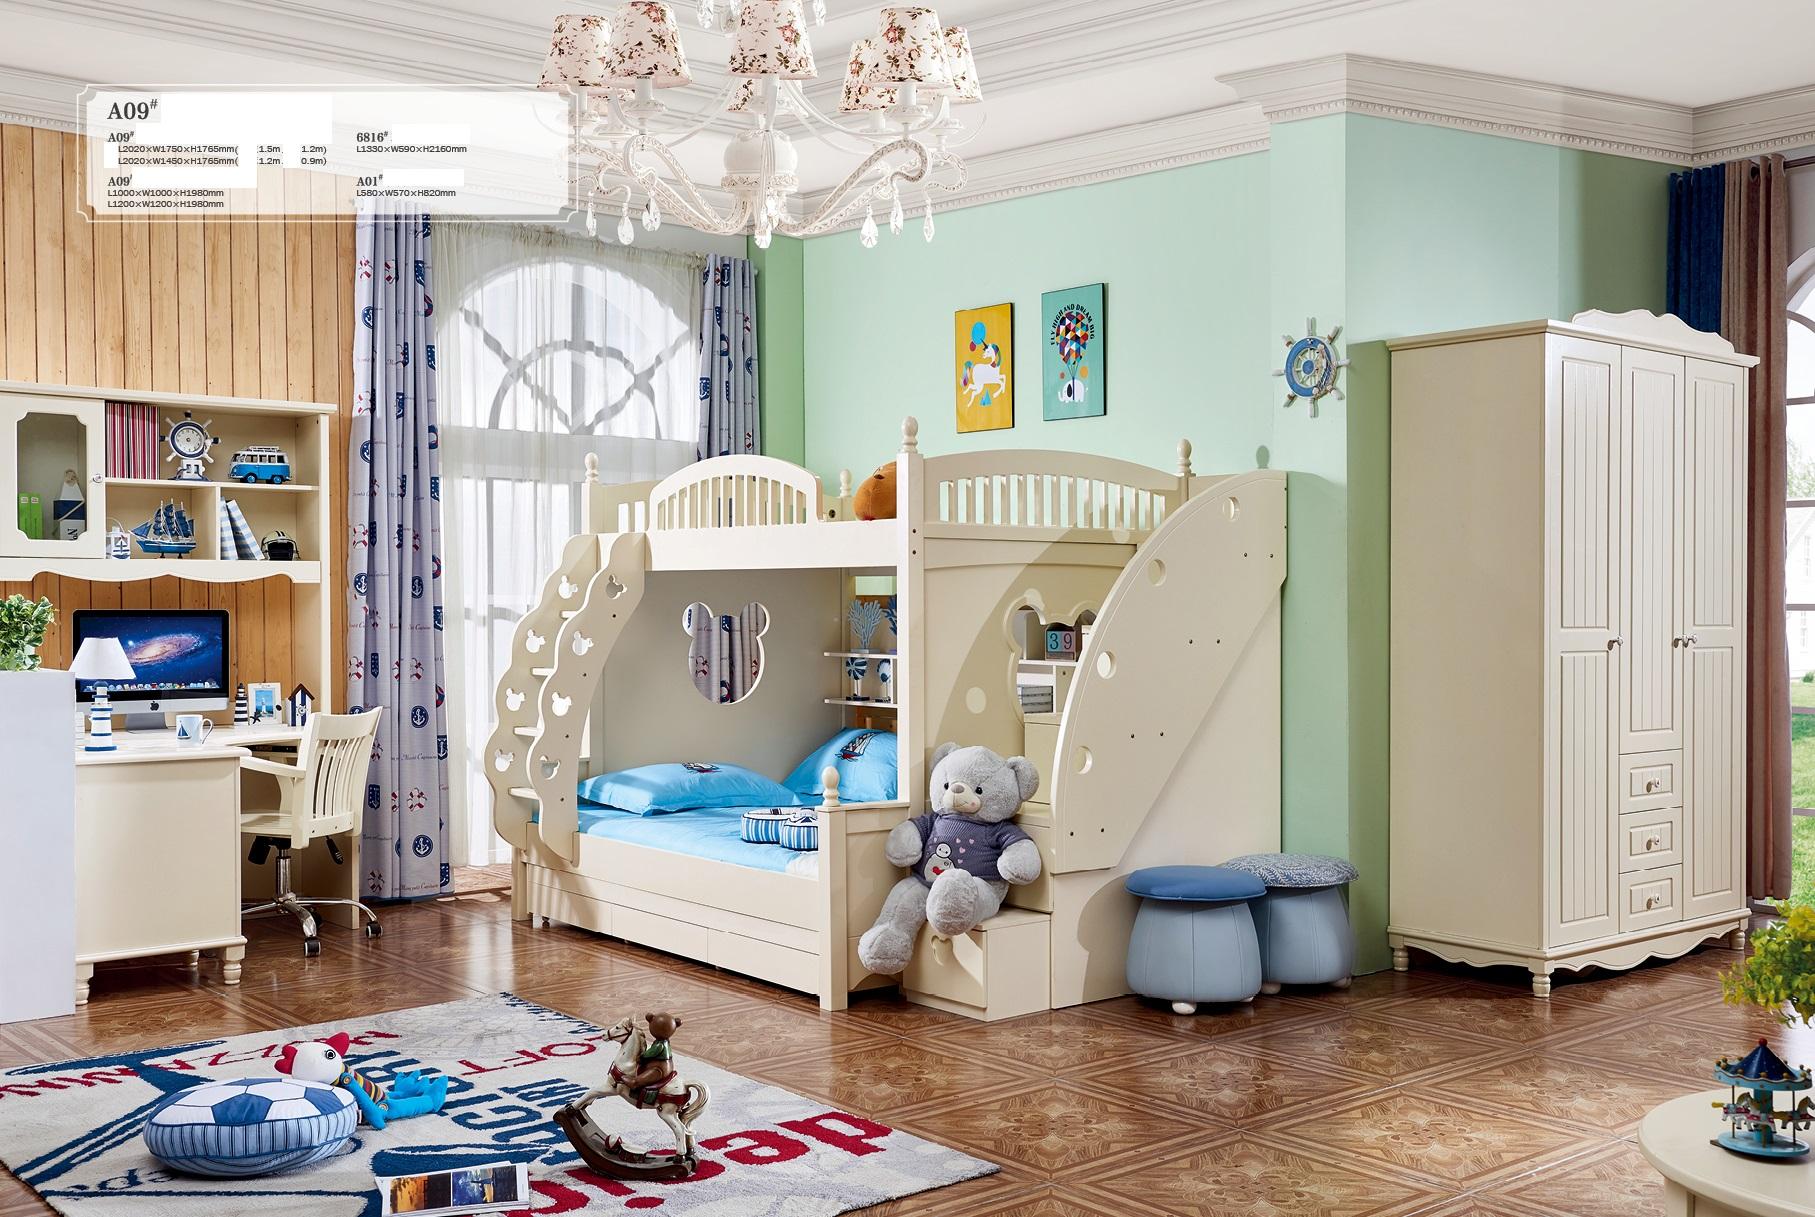 Etagenbett Für 3 Kinder : Etagenbett für personen tom iii kinder